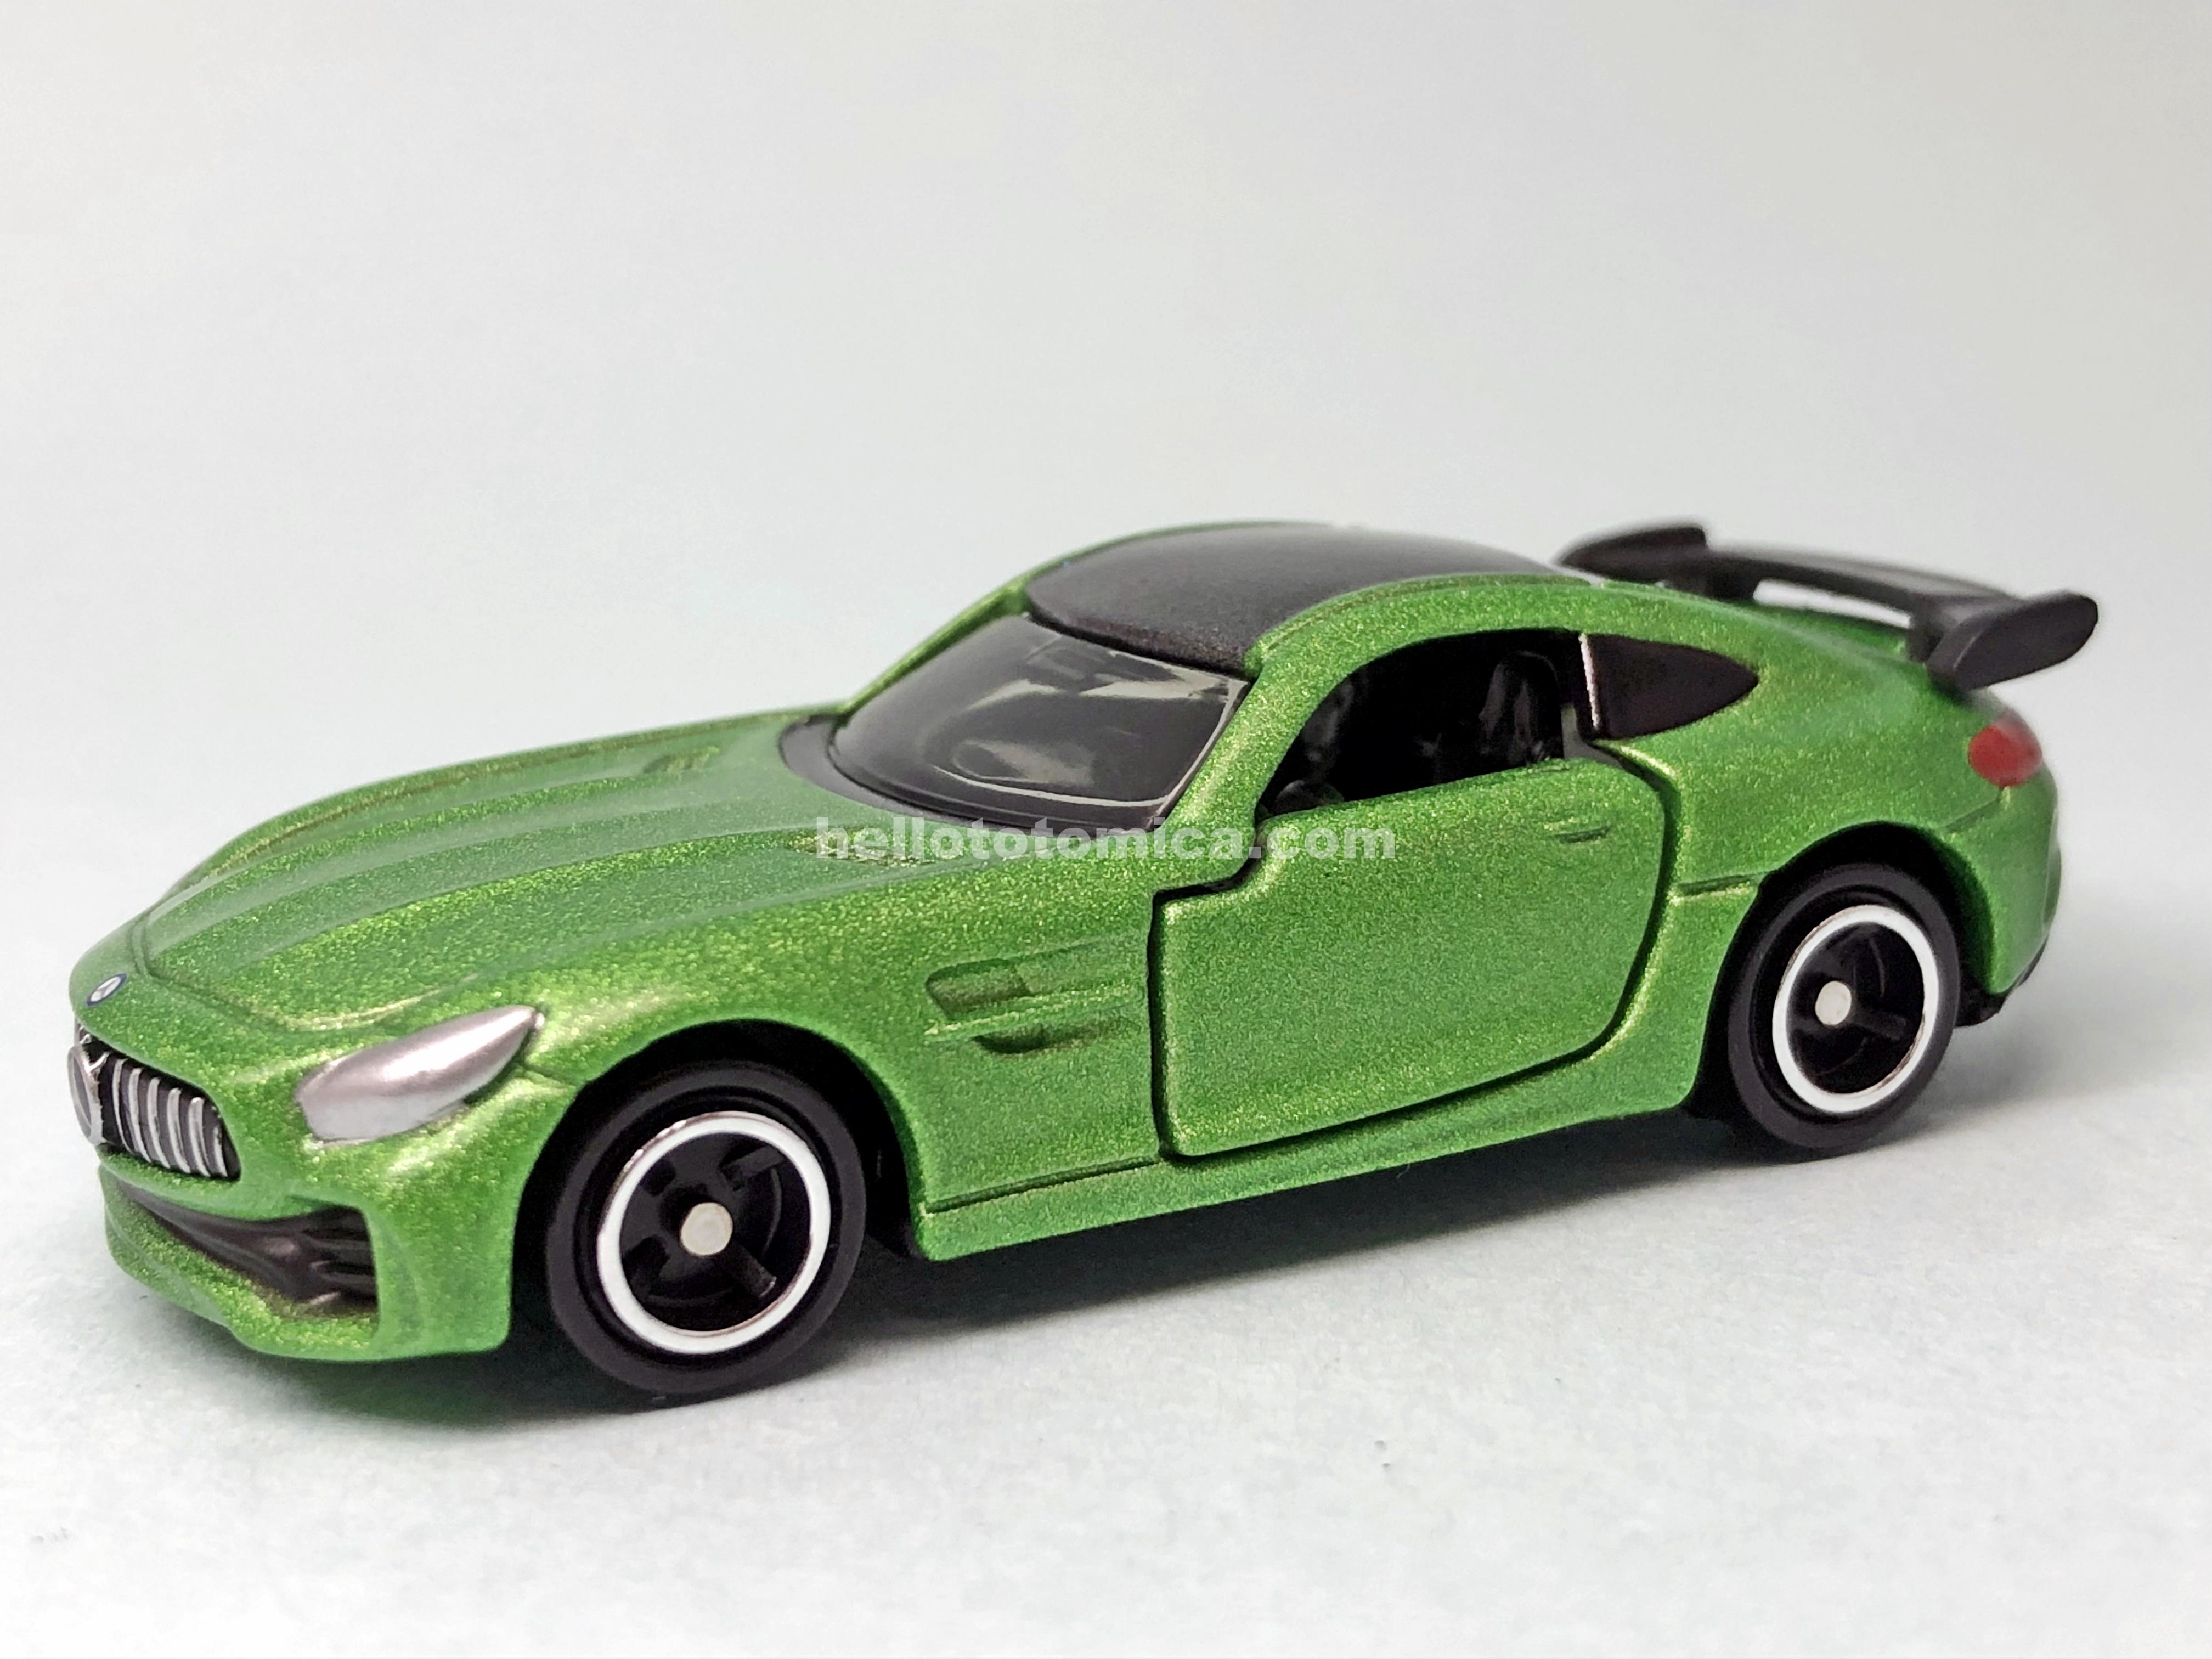 7-8 MERCEDES-AMG GT R